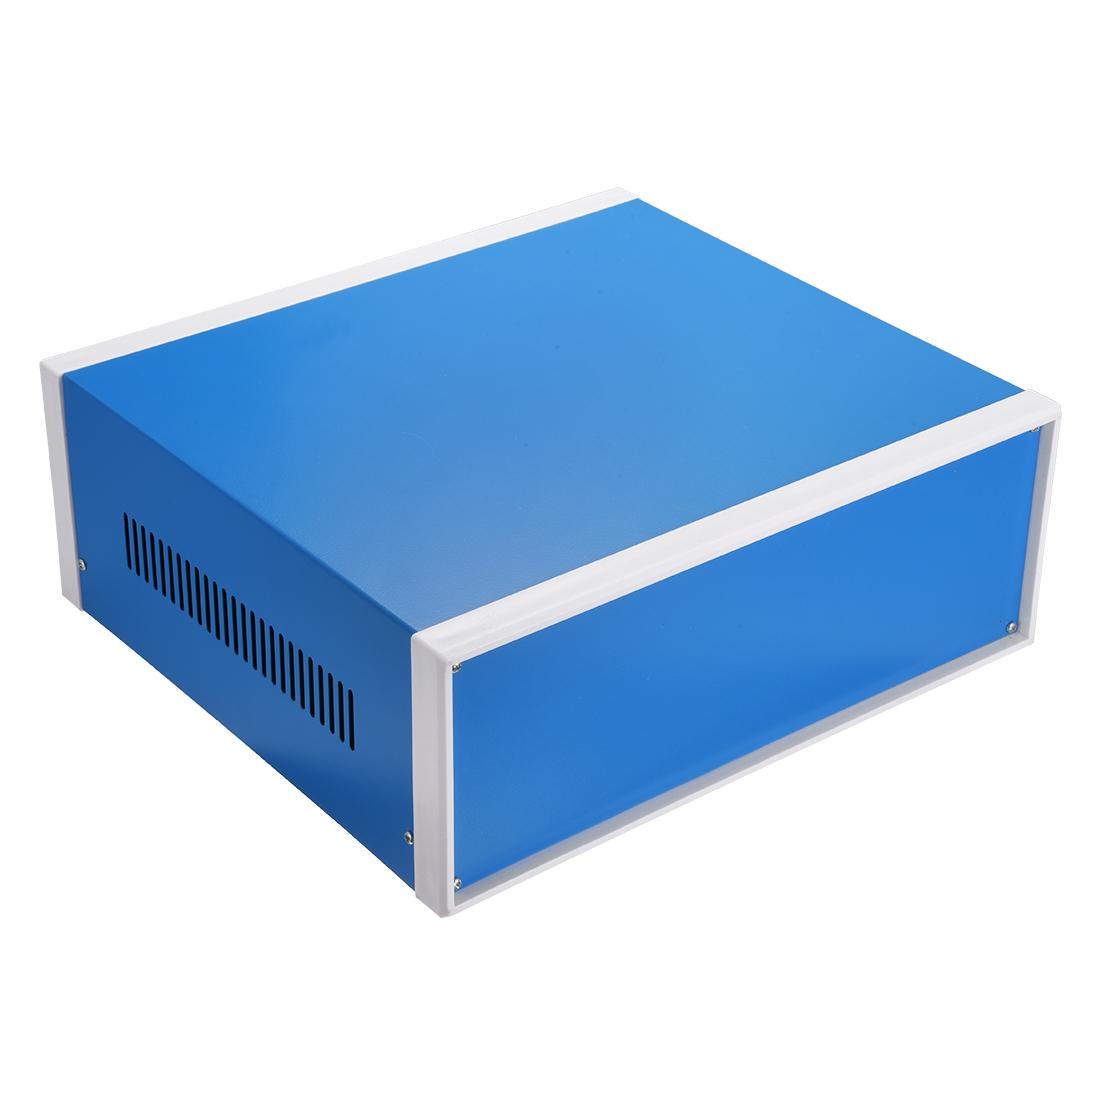 310 x 285 x 115mm Electronic Plastic DIY Junction Box Enclosure Case Blue